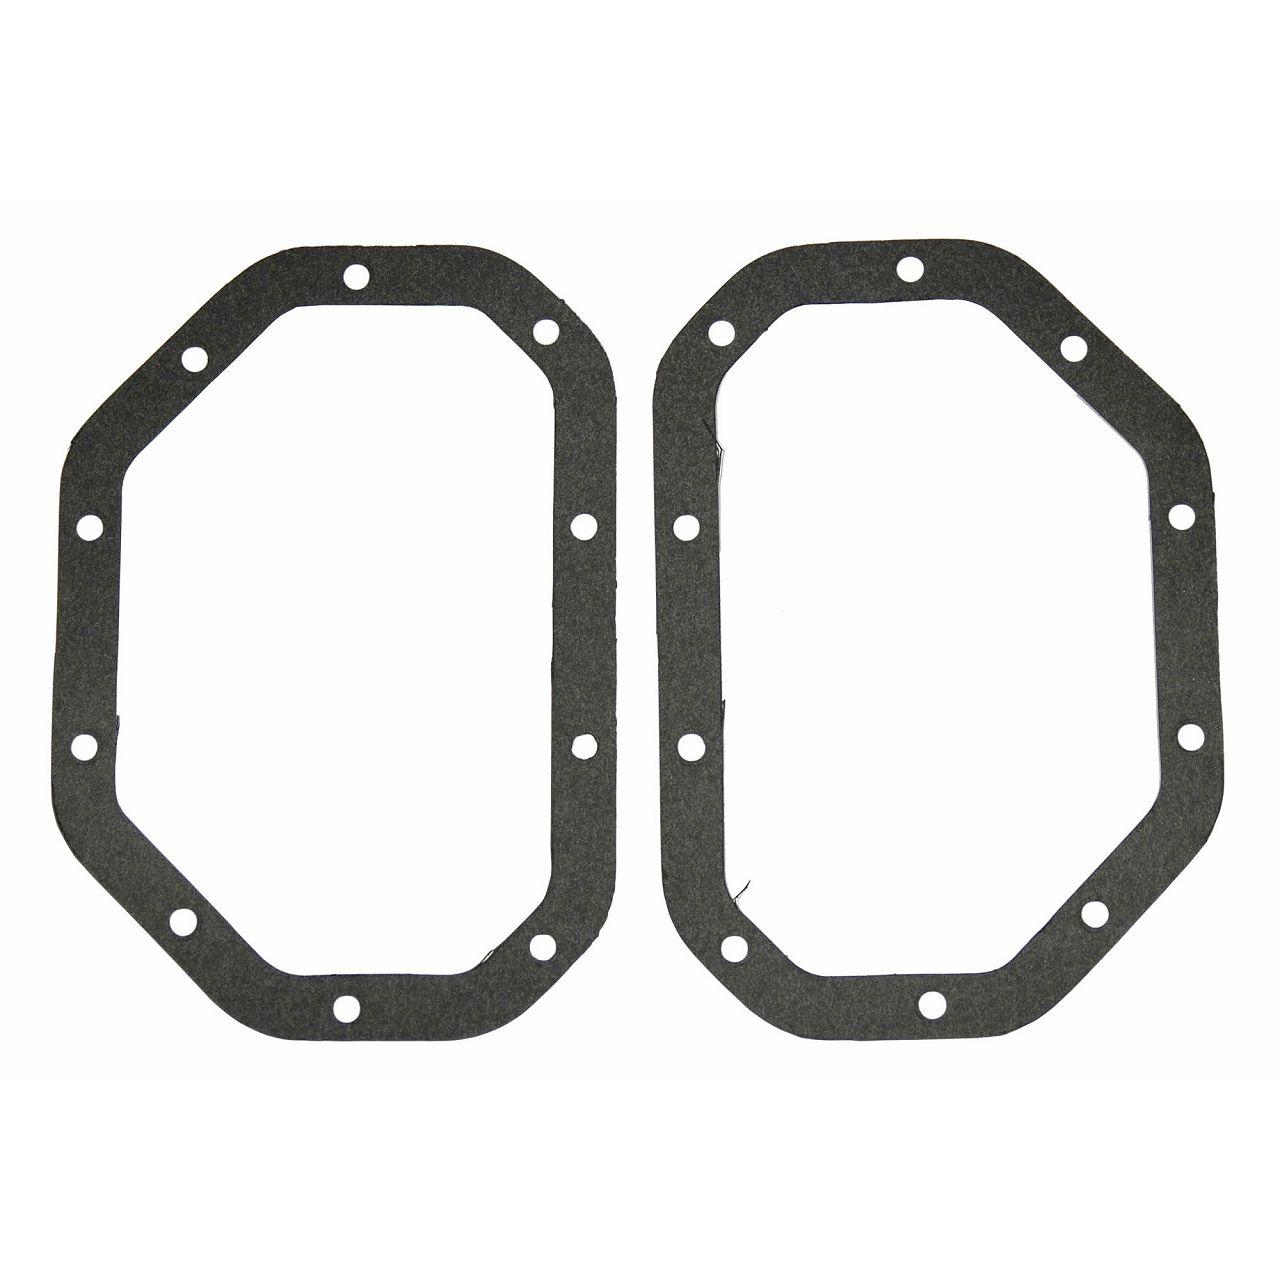 2x Dichtung Getriebegehäuse Schaltgetriebe-Gehäuse für OPEL 370035 / 90345226